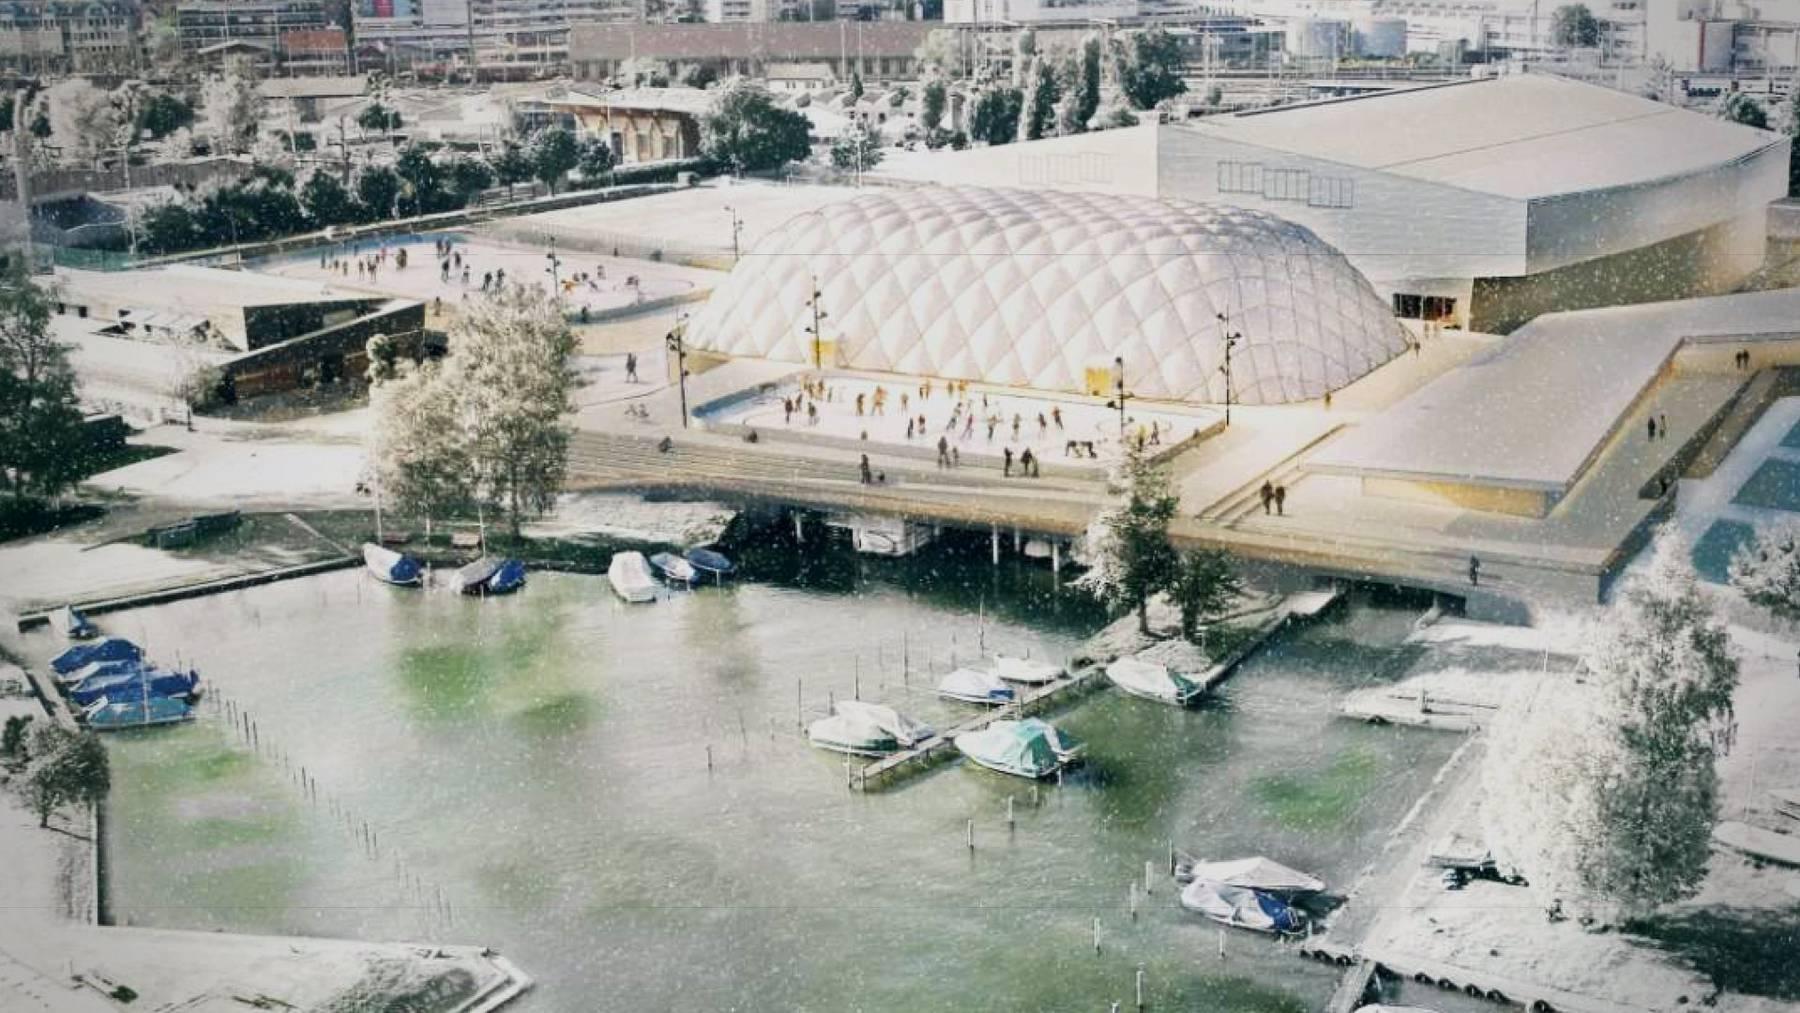 Die geplante Eishalle wird vorerst nicht gebaut.